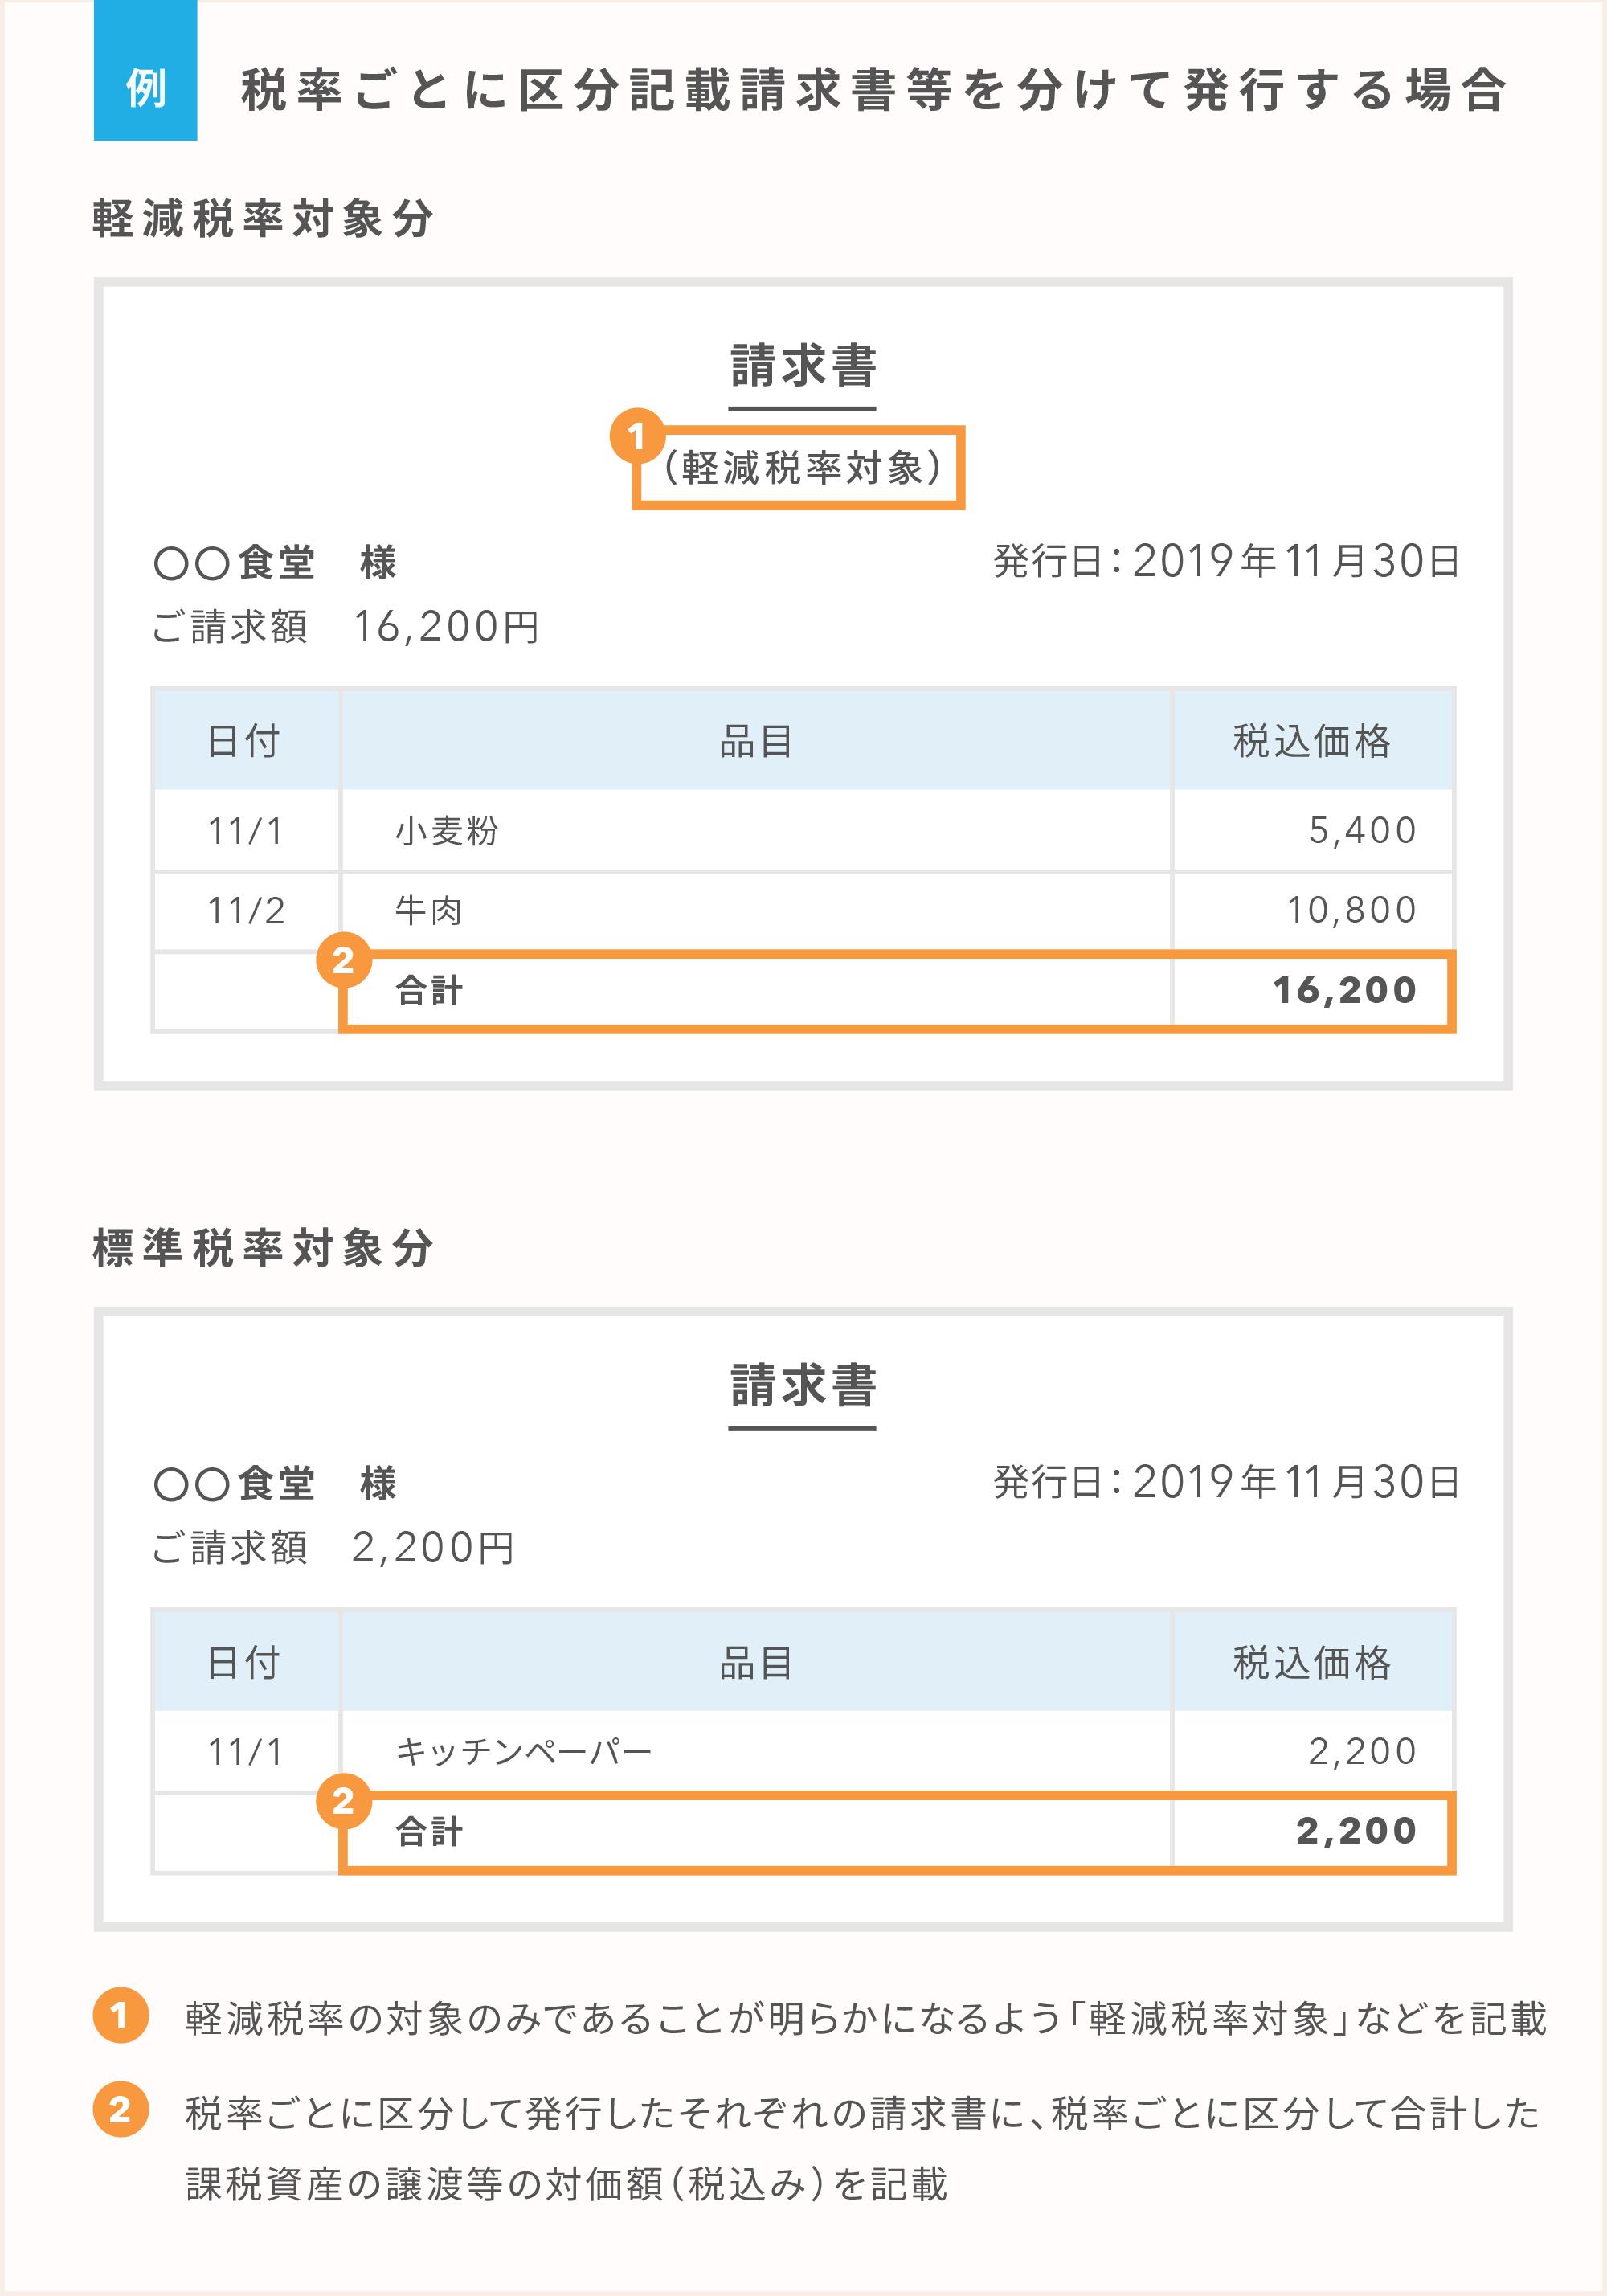 区分記載請求書等の例:税率ごとに区分記載請求書等を分けて発行する場合